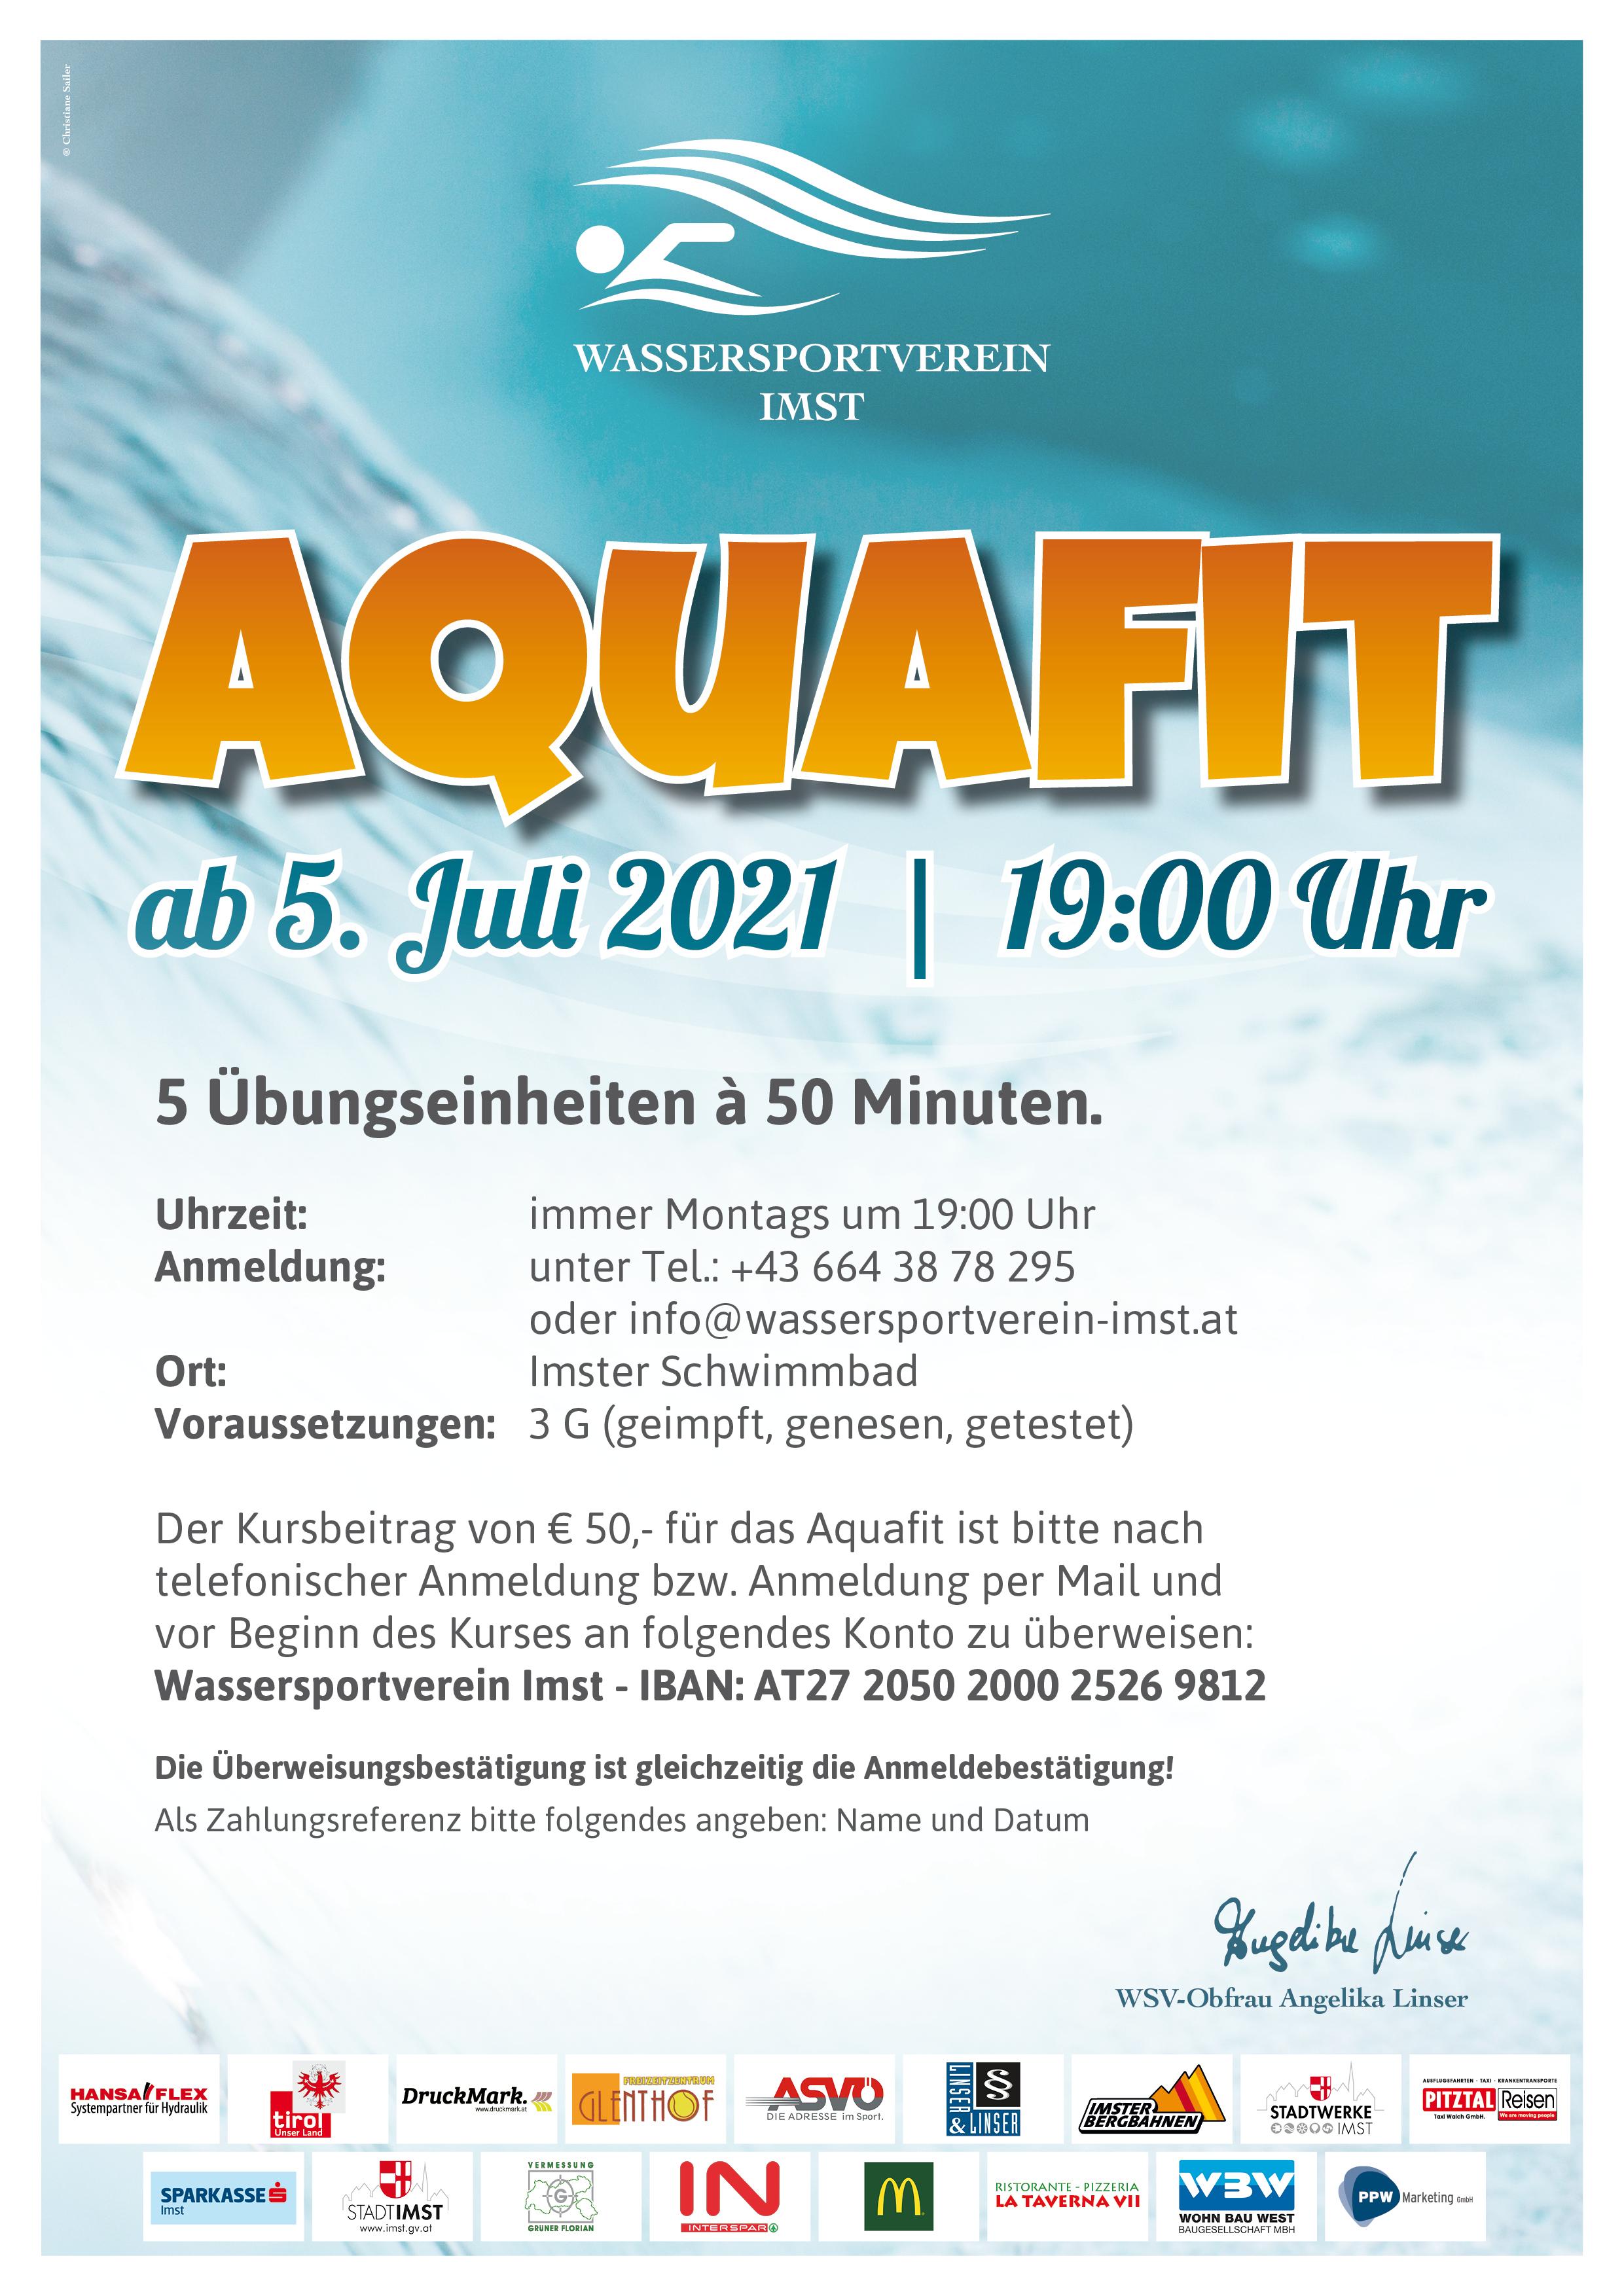 AQUAFIT Ab 5. Juli 2021  |  19:00 Uhr